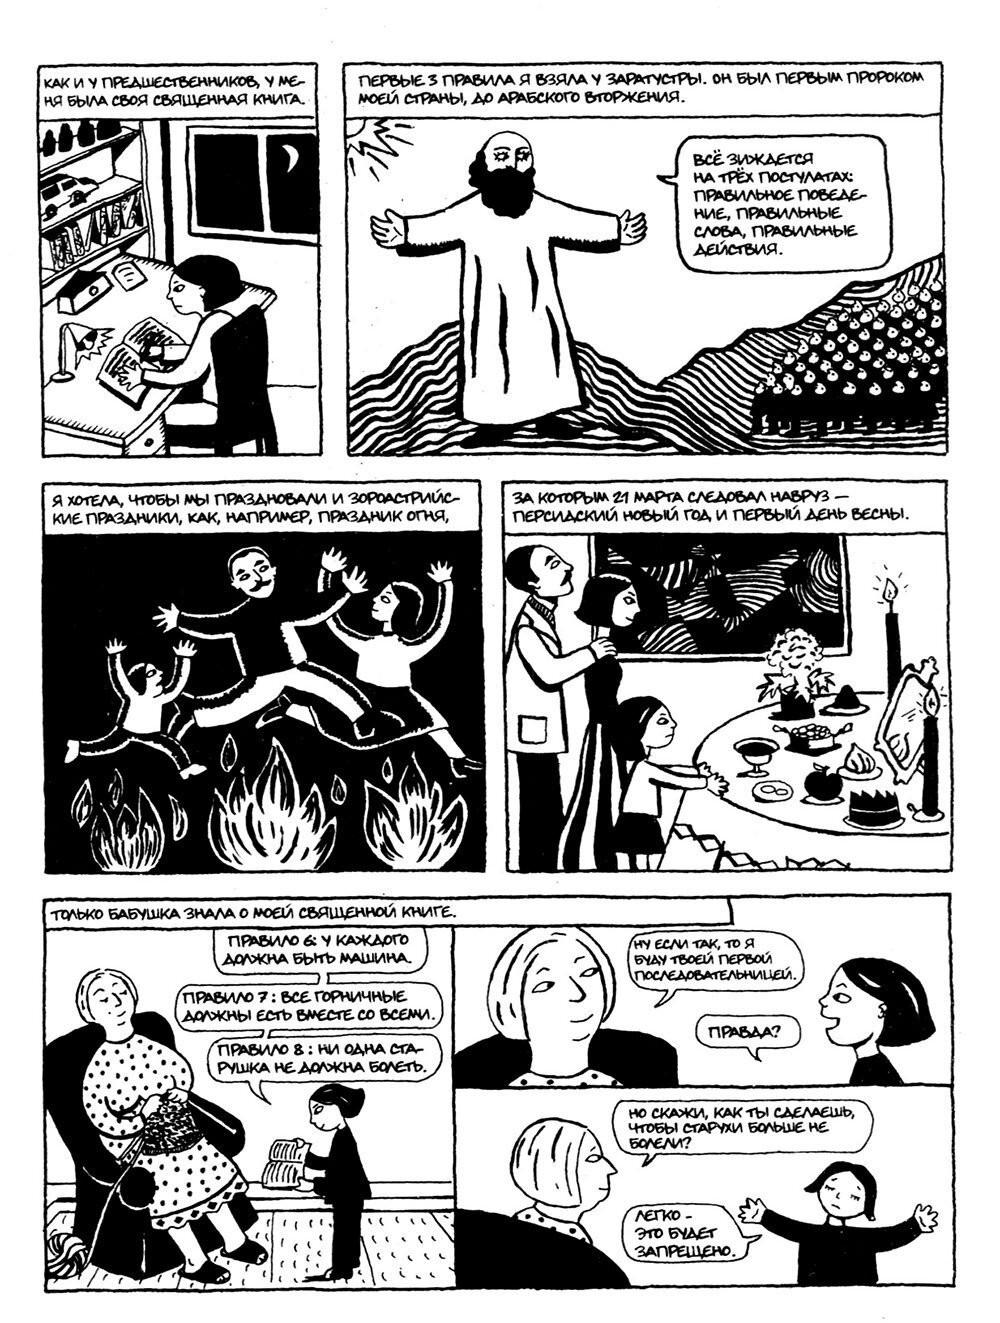 Исторический комикс Персеполис, Маржан Сатрапи. Том 1. Страница 6. Блог о комиксах Vaes Okshn